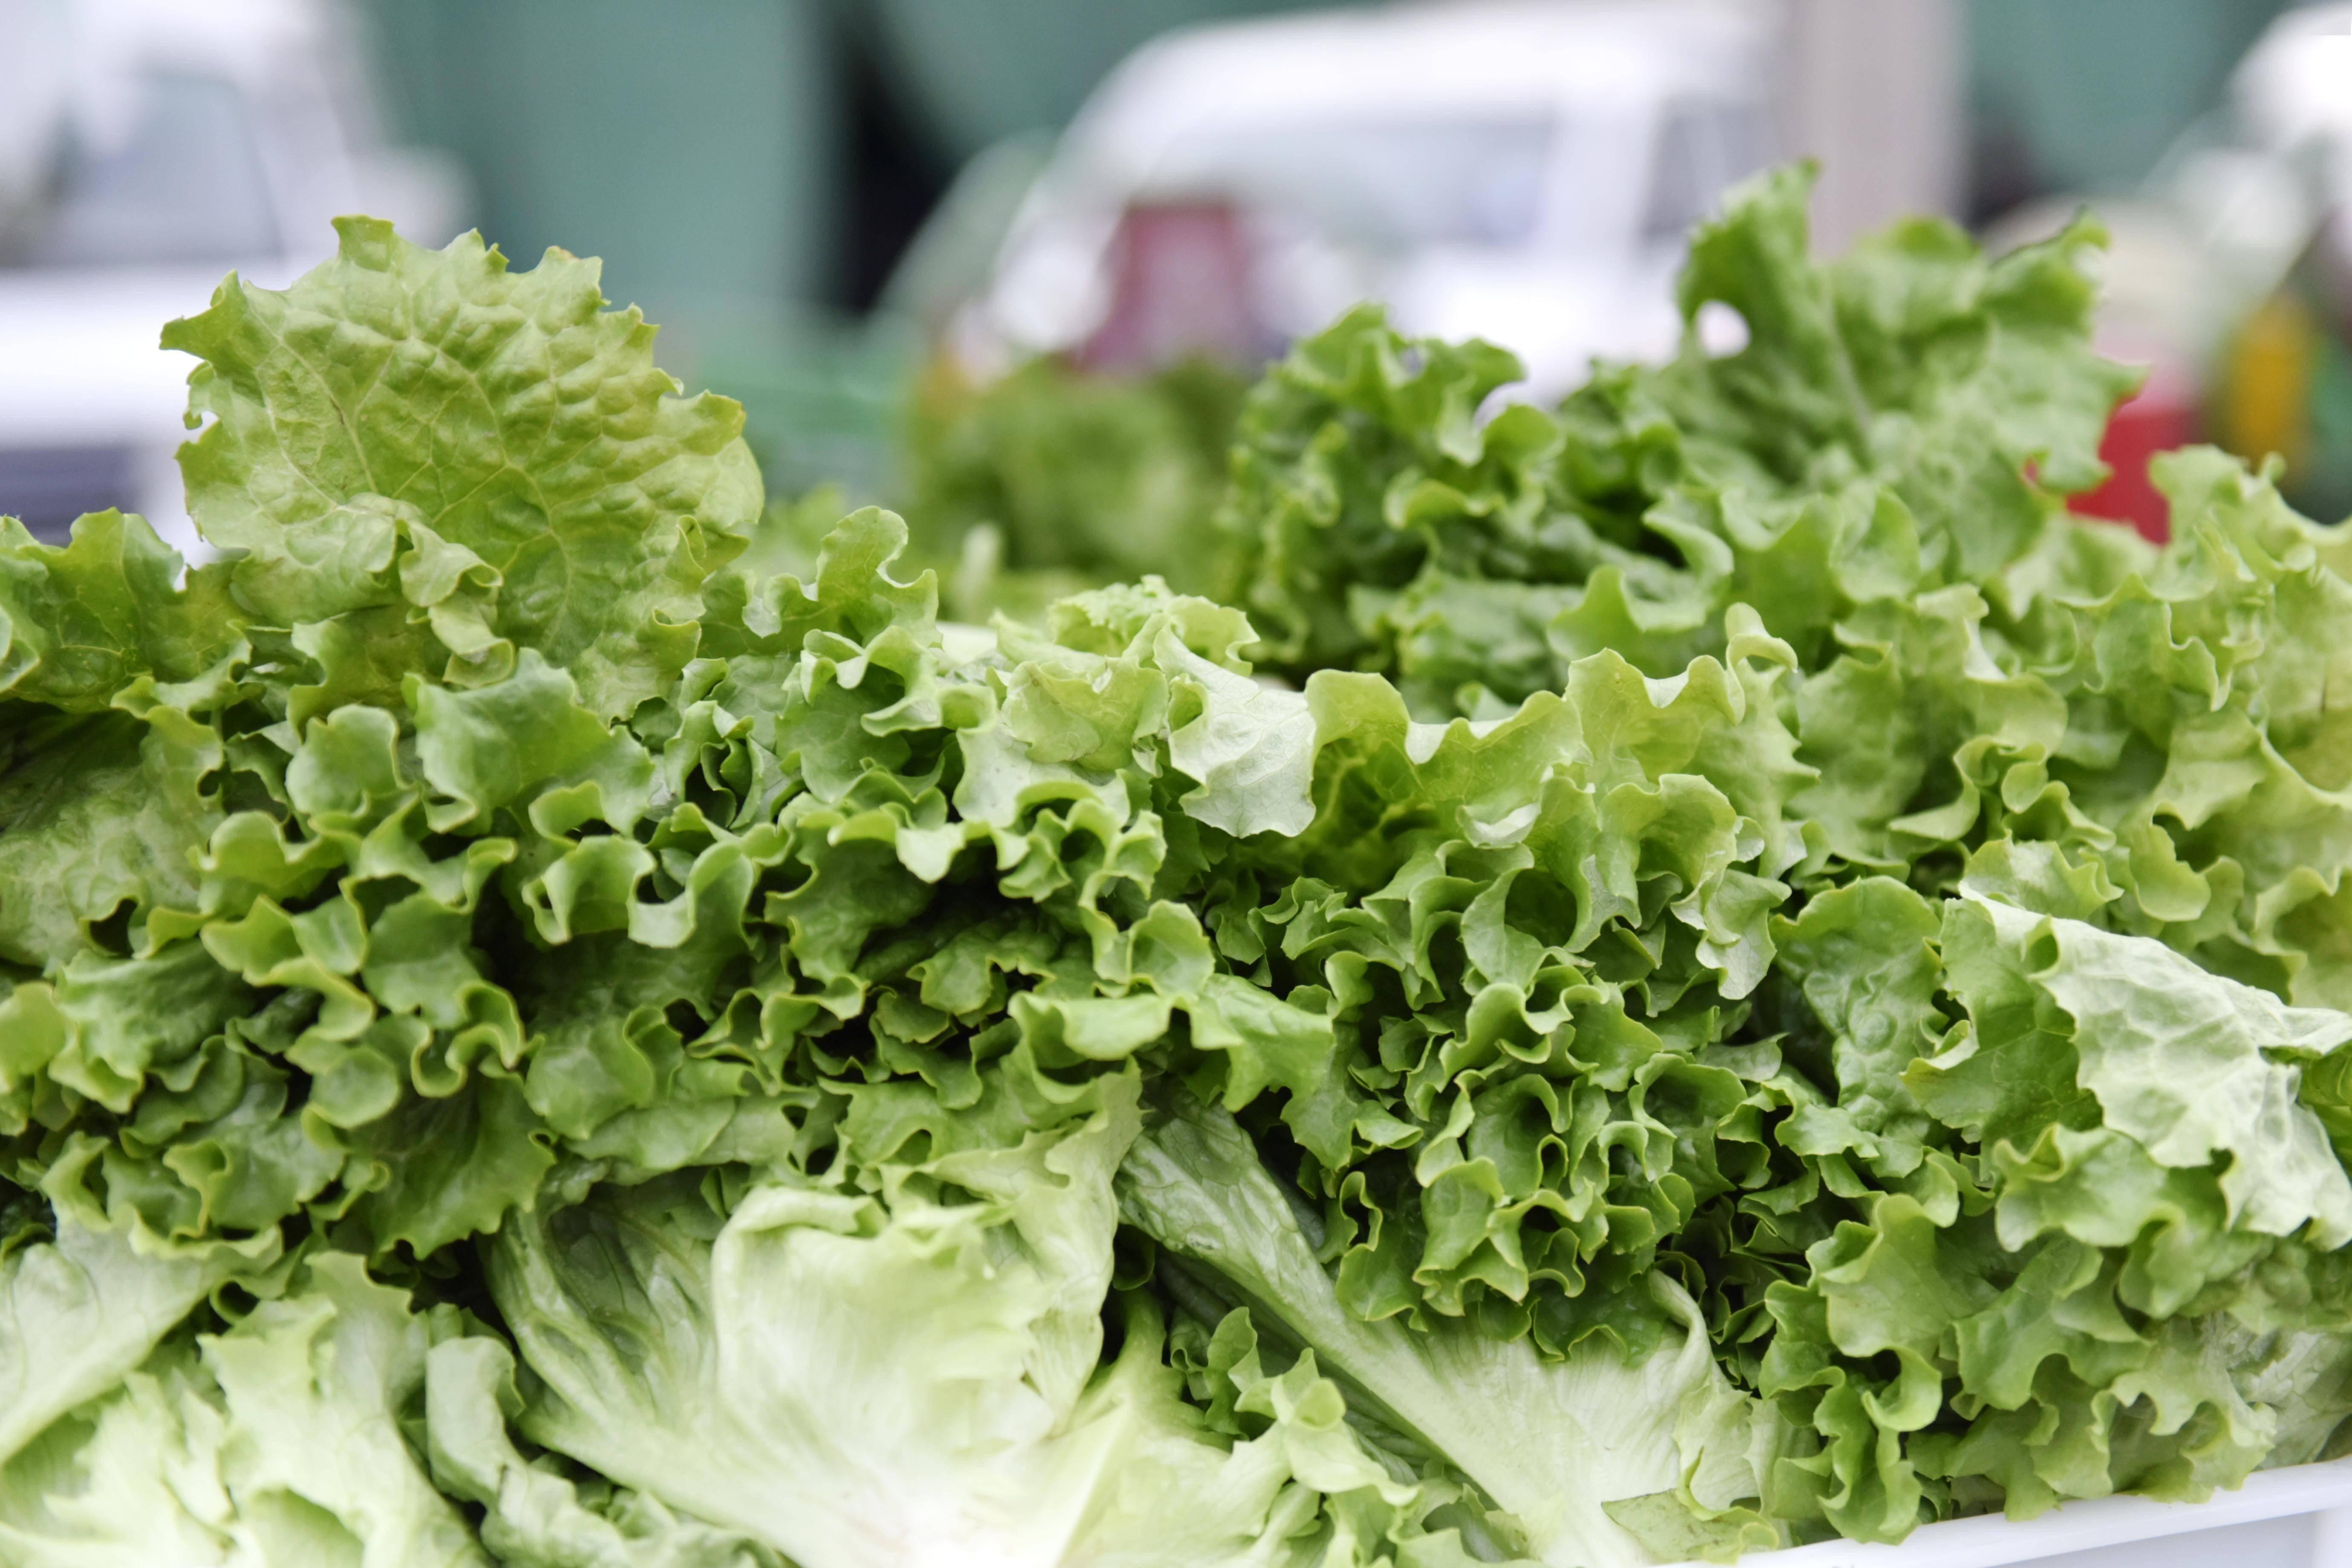 节日期间新发地蔬菜供应充足,部分蔬菜价格出现小幅波动